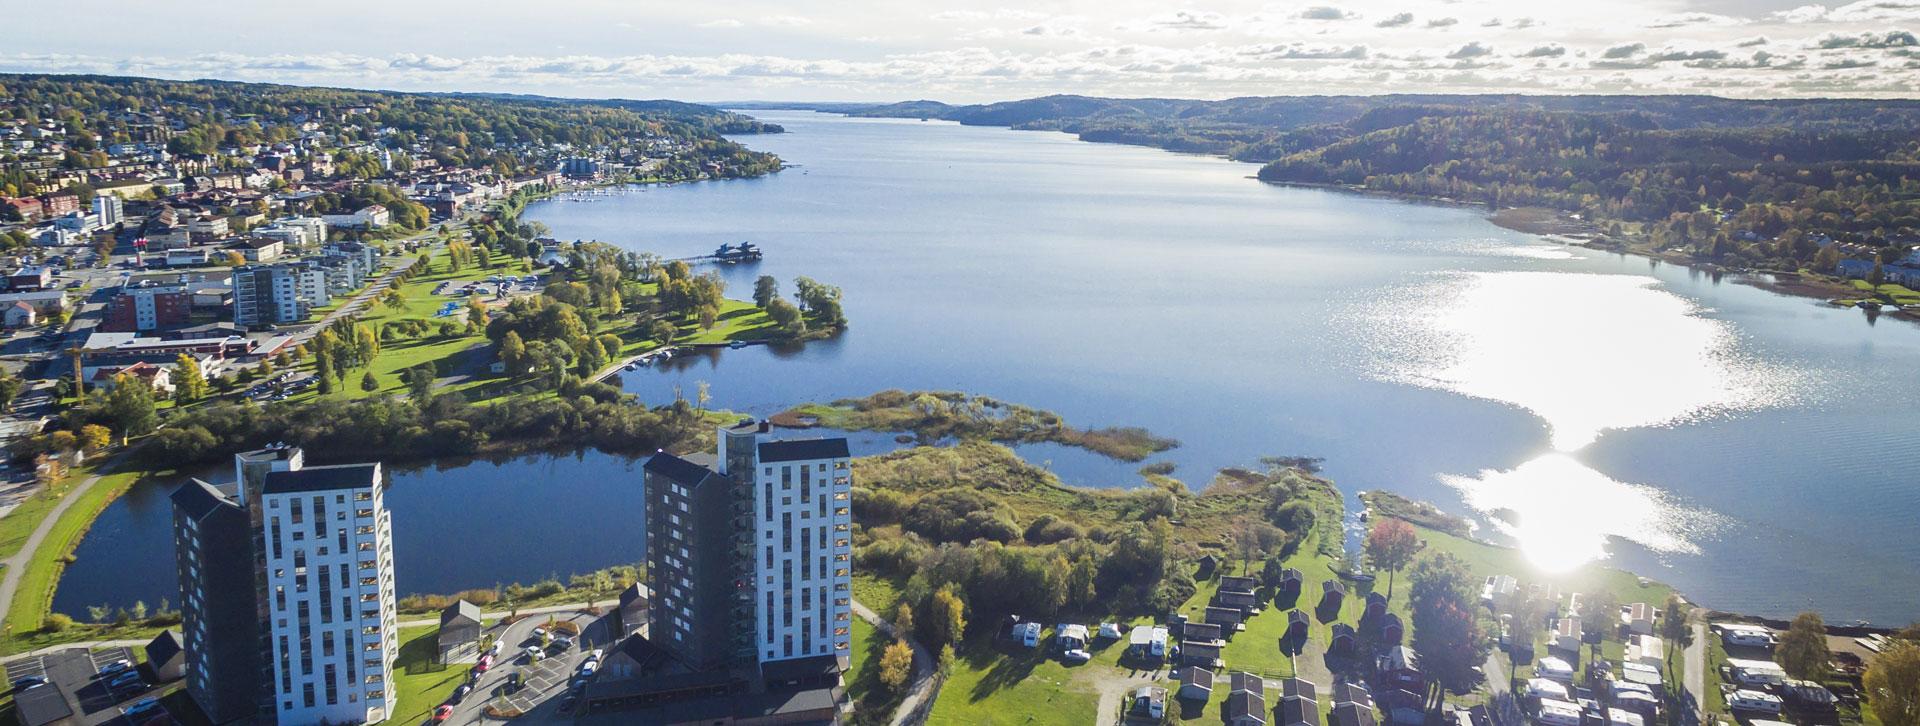 Ulricehamn och Åsunden från ovan